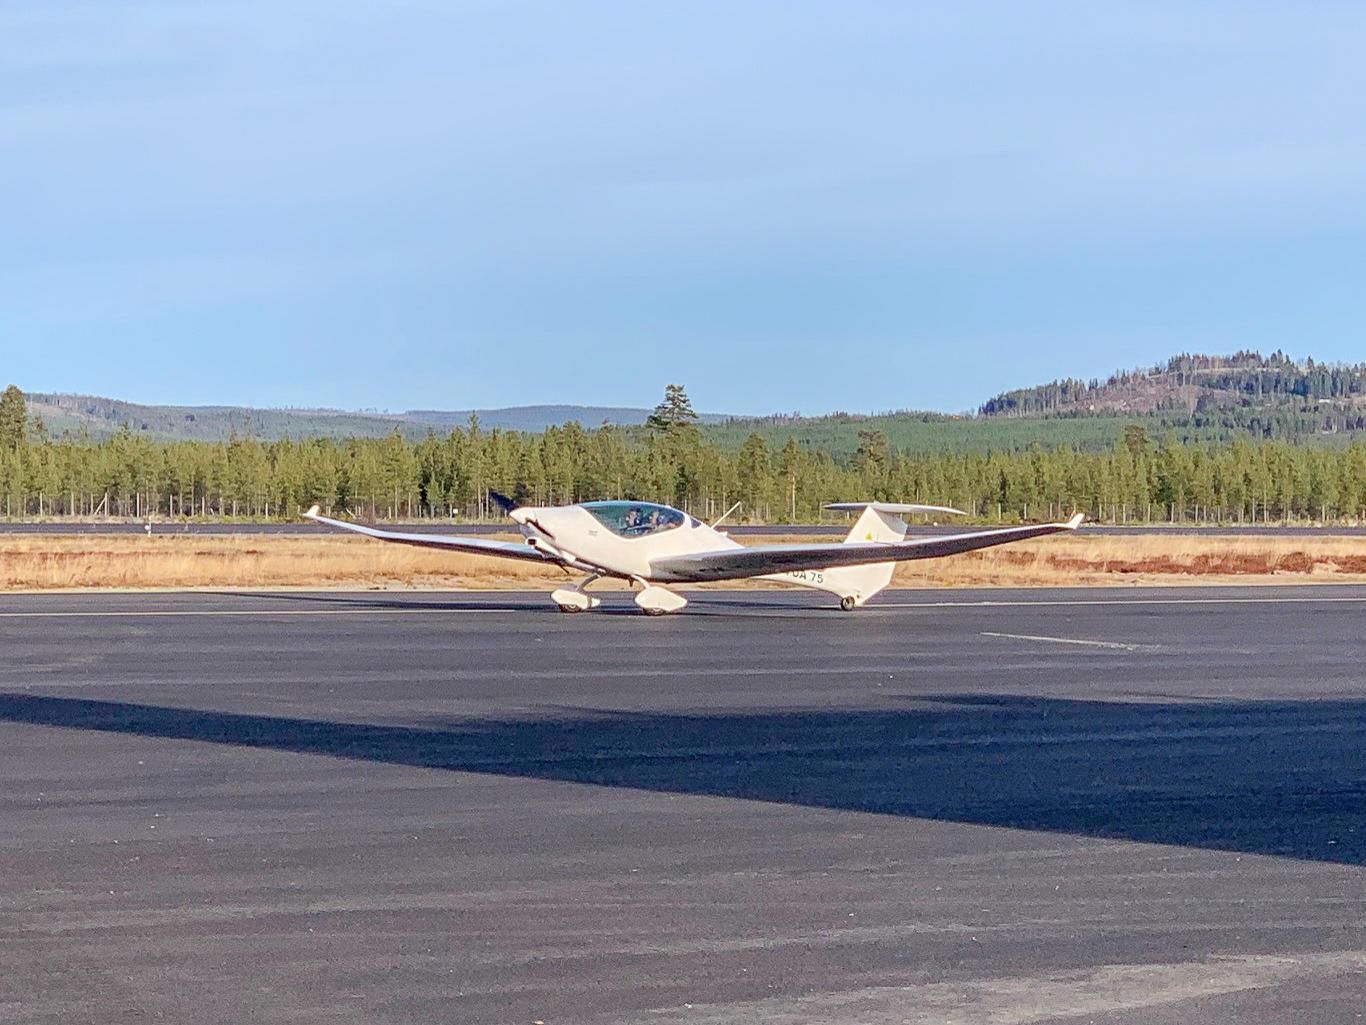 Planet är en Phoenix, ett så kallat ultralätt flygplan i 600 kilos klassen. Foto: Privat